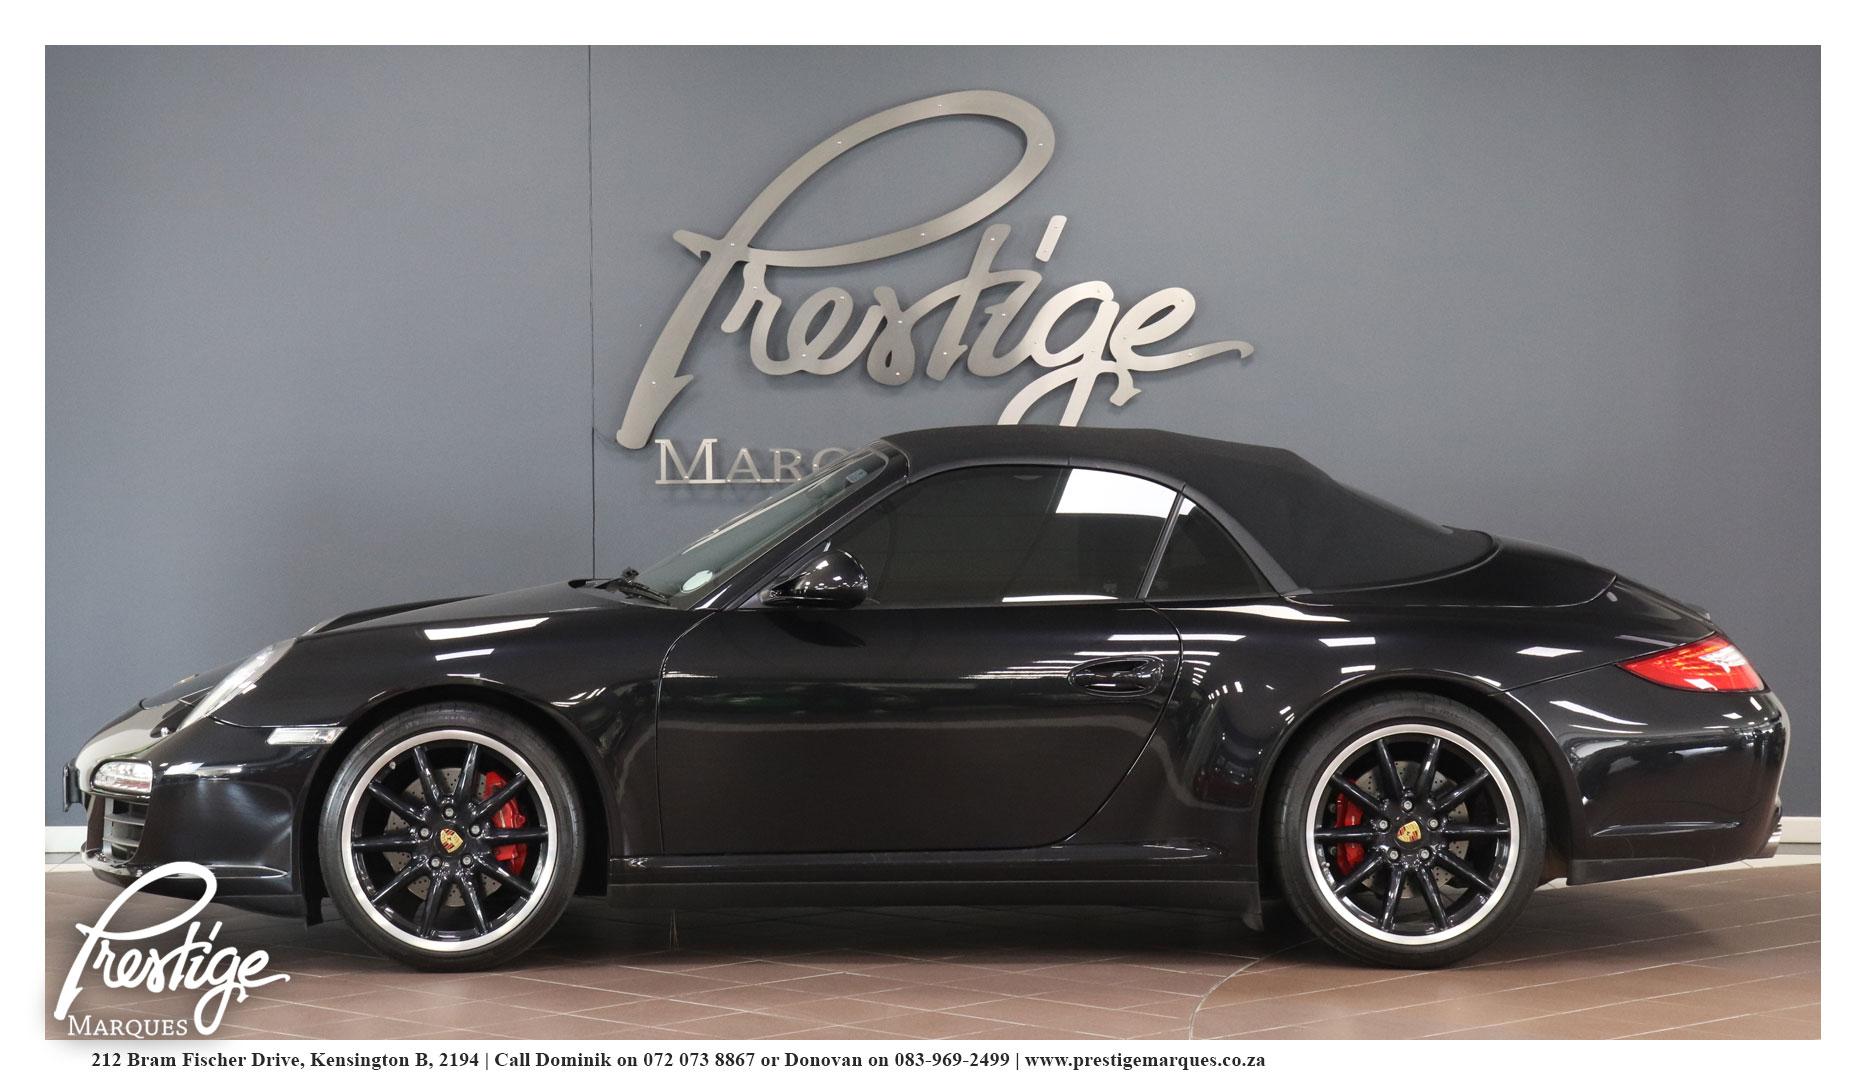 2009-Porsche-911- (997.2)-Carrera-4s-PDK Cabriolet-Prestige-Marques-Randburg-Sandton-11